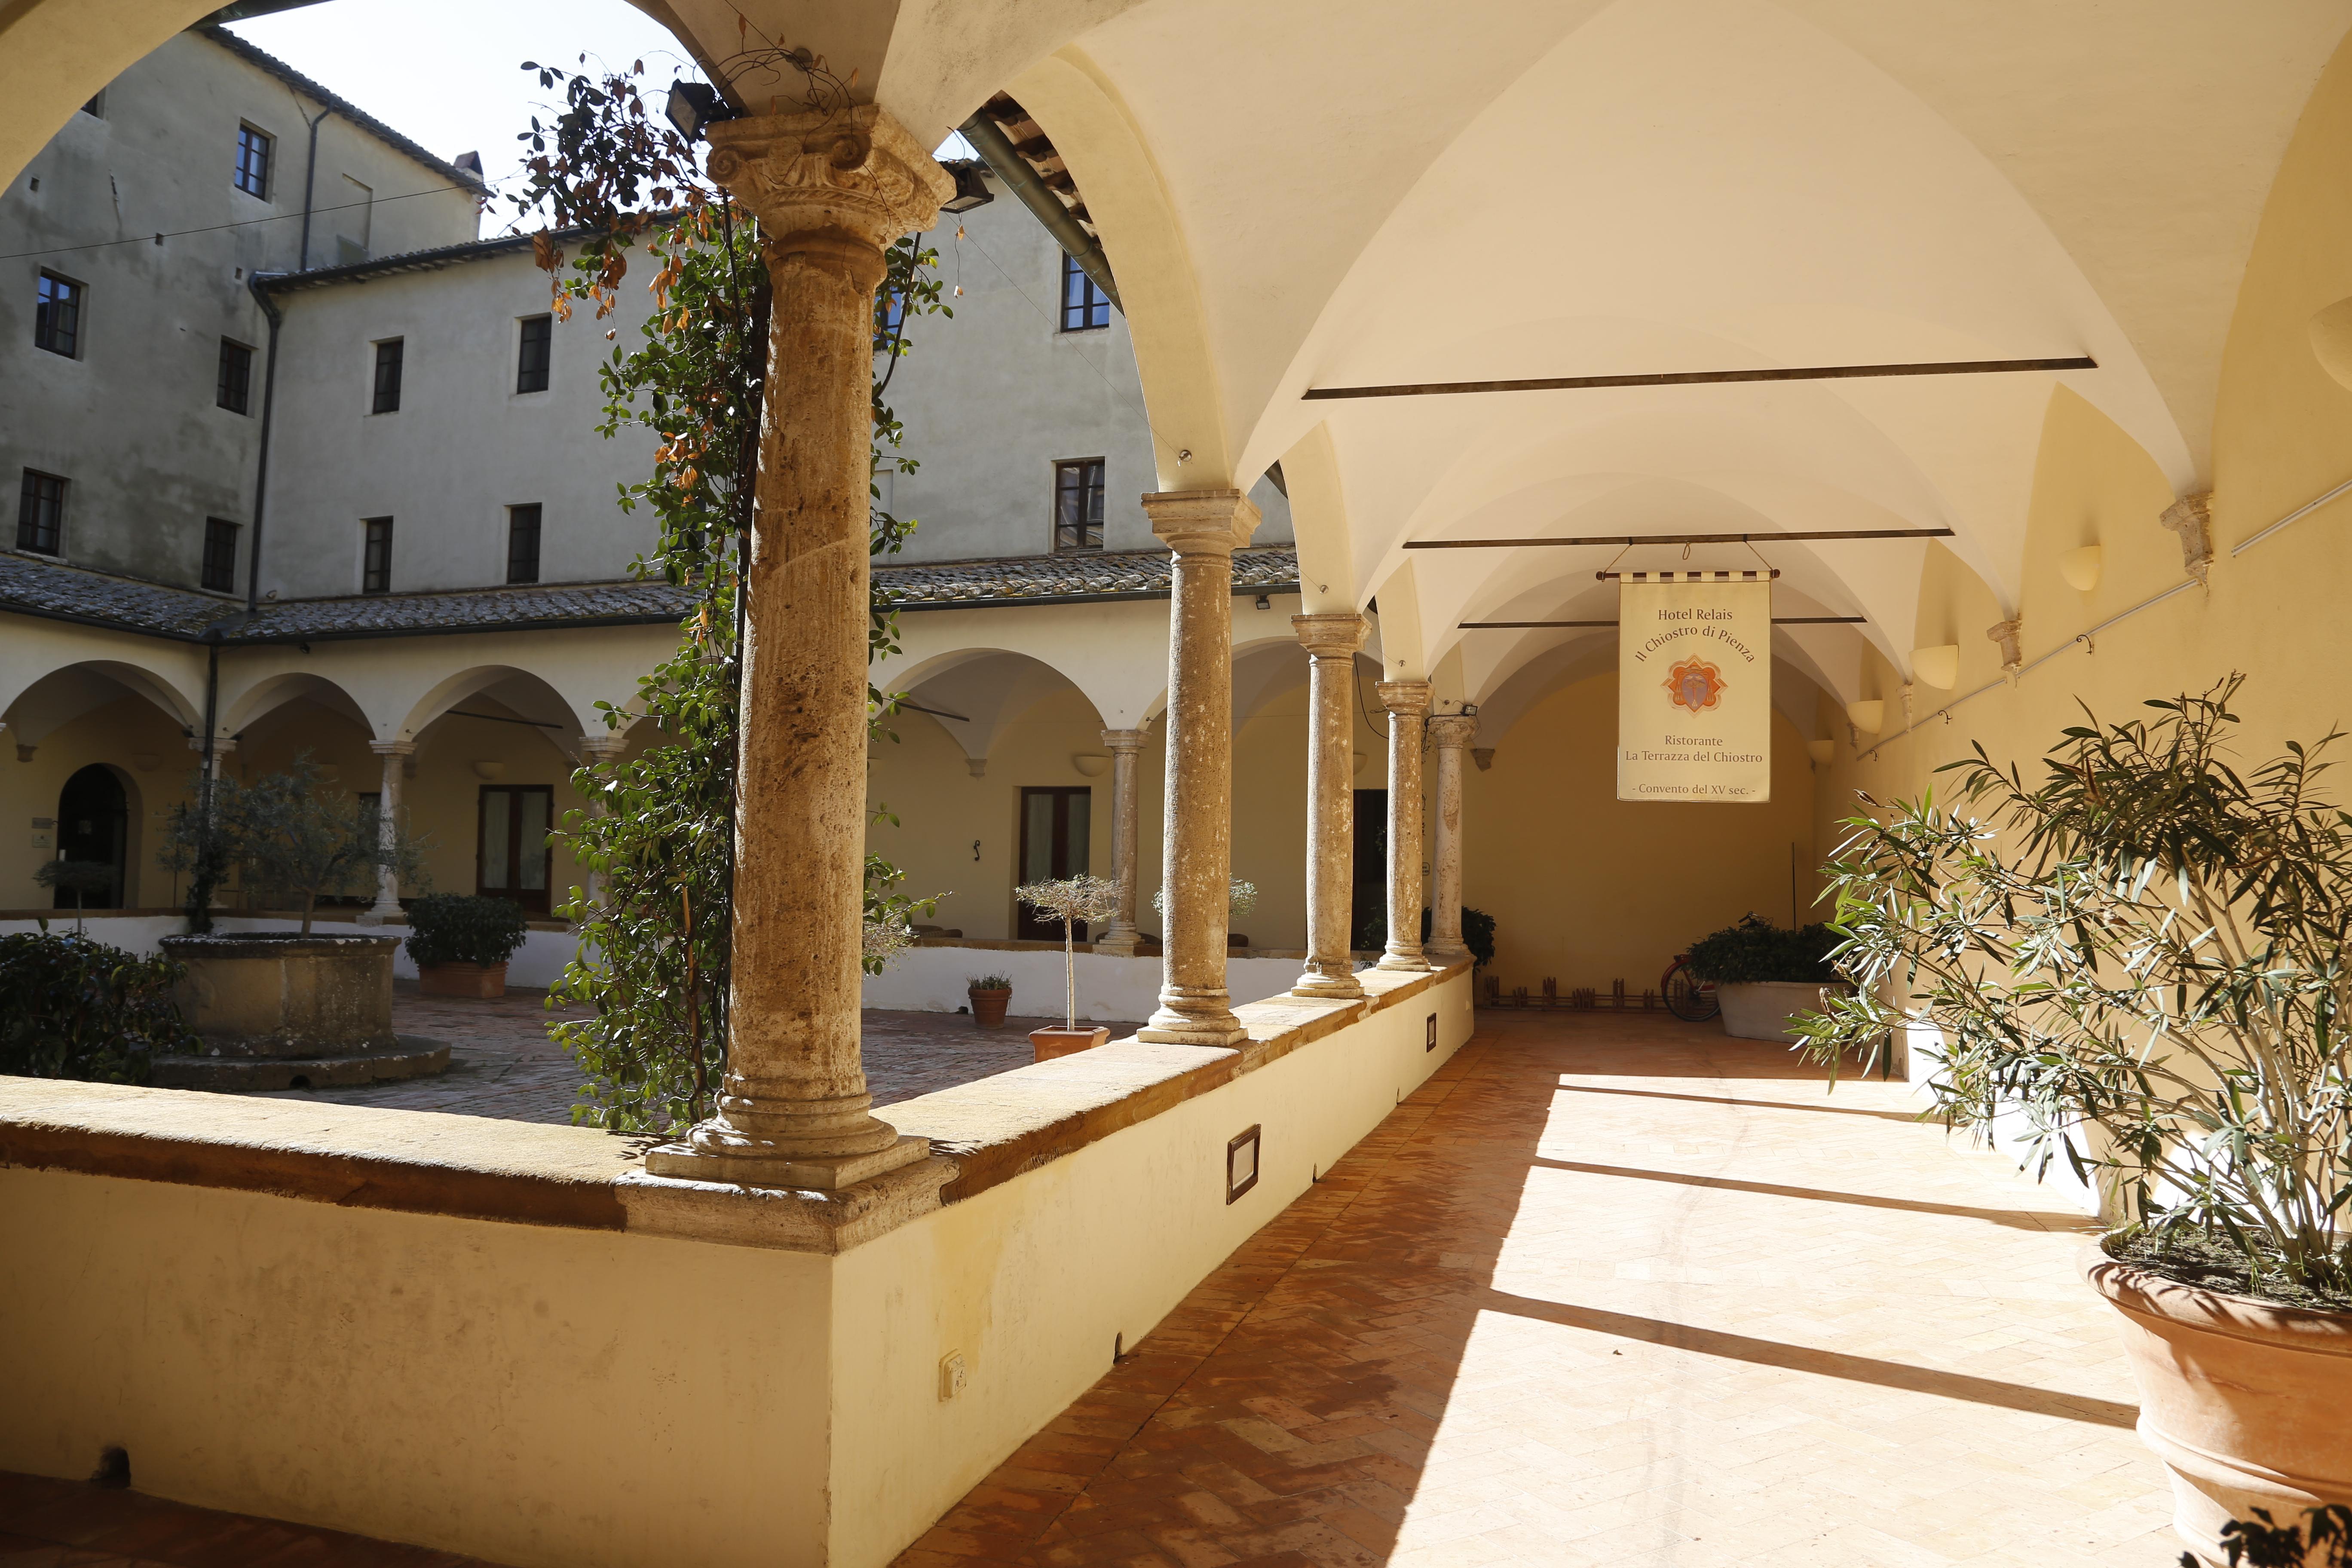 Interno del chiostro del Convento di San Francesco a Pienza